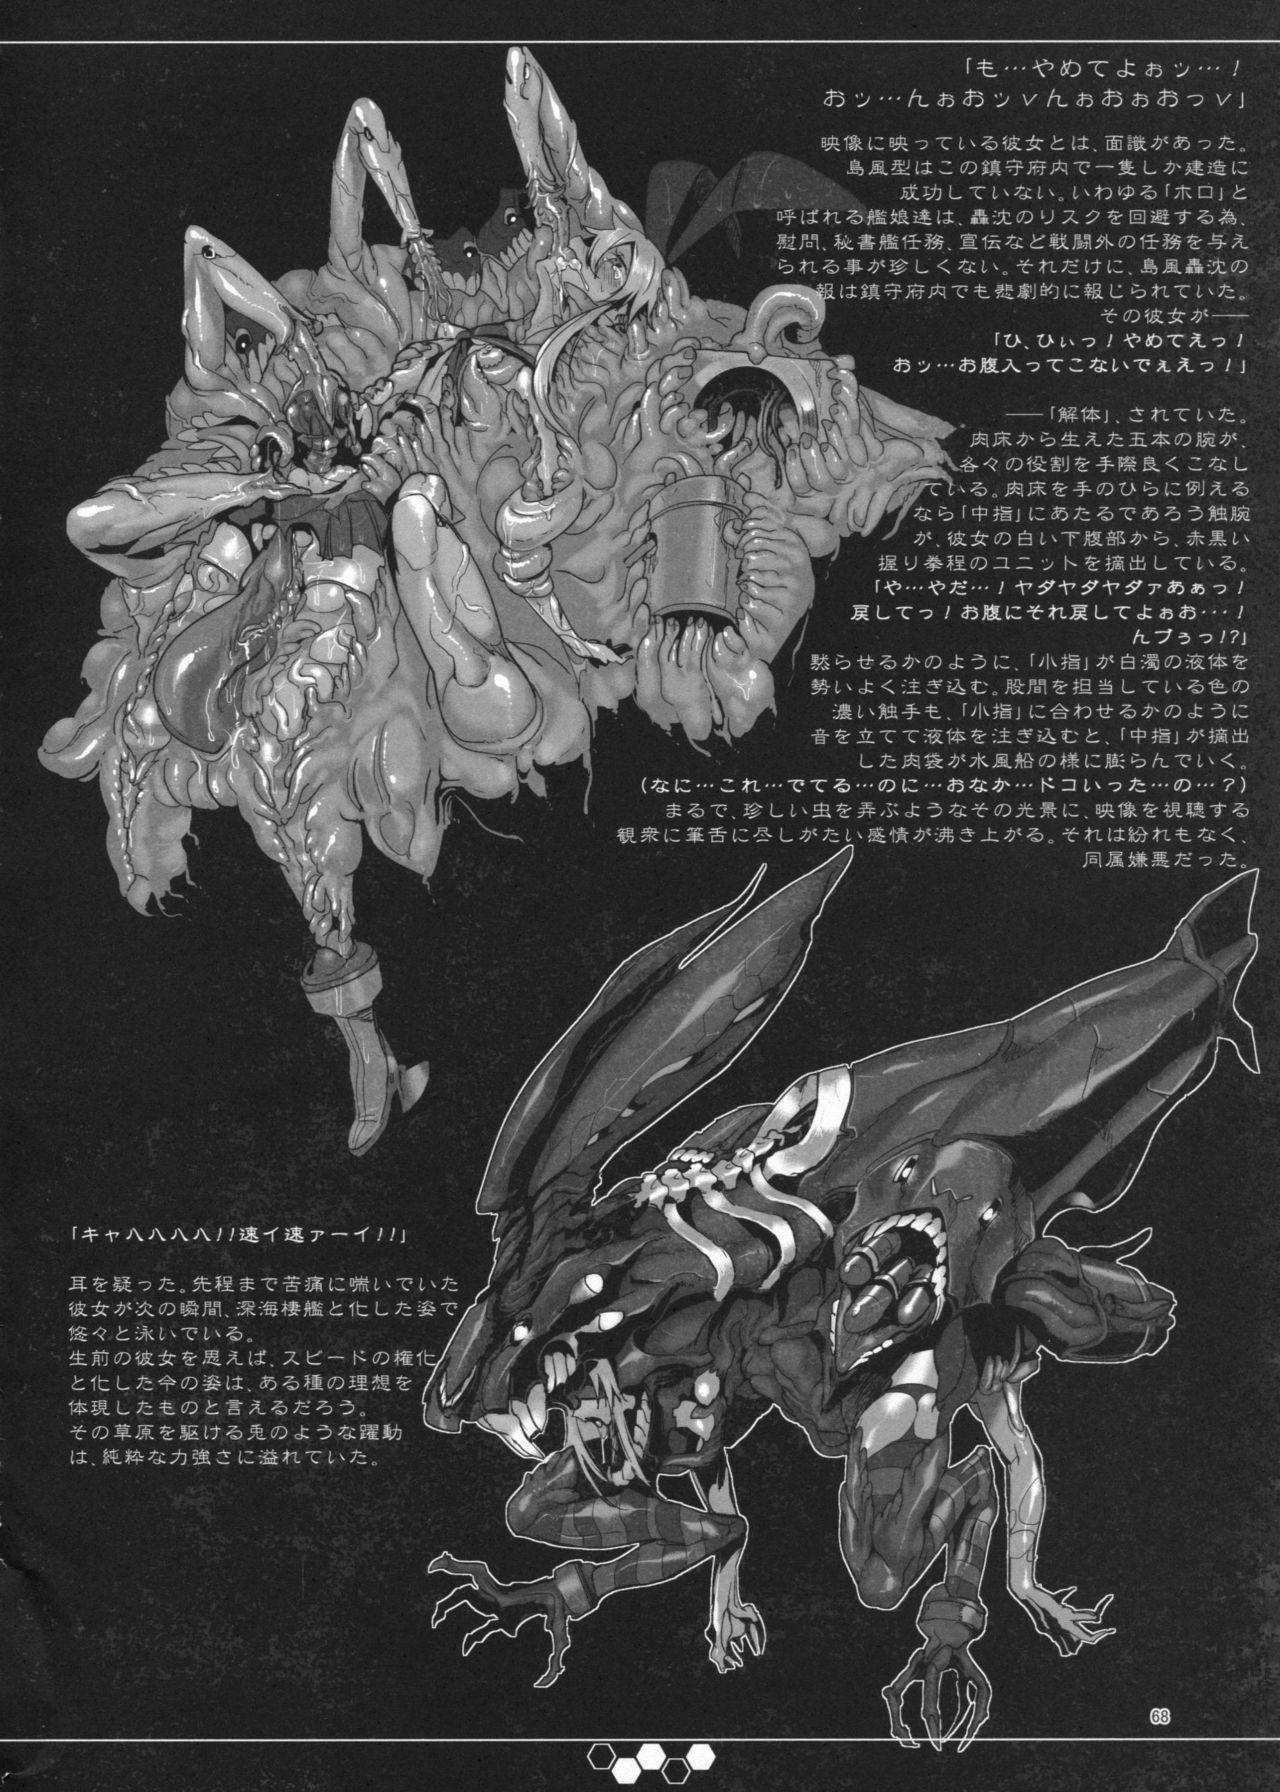 Hentai Selection 66